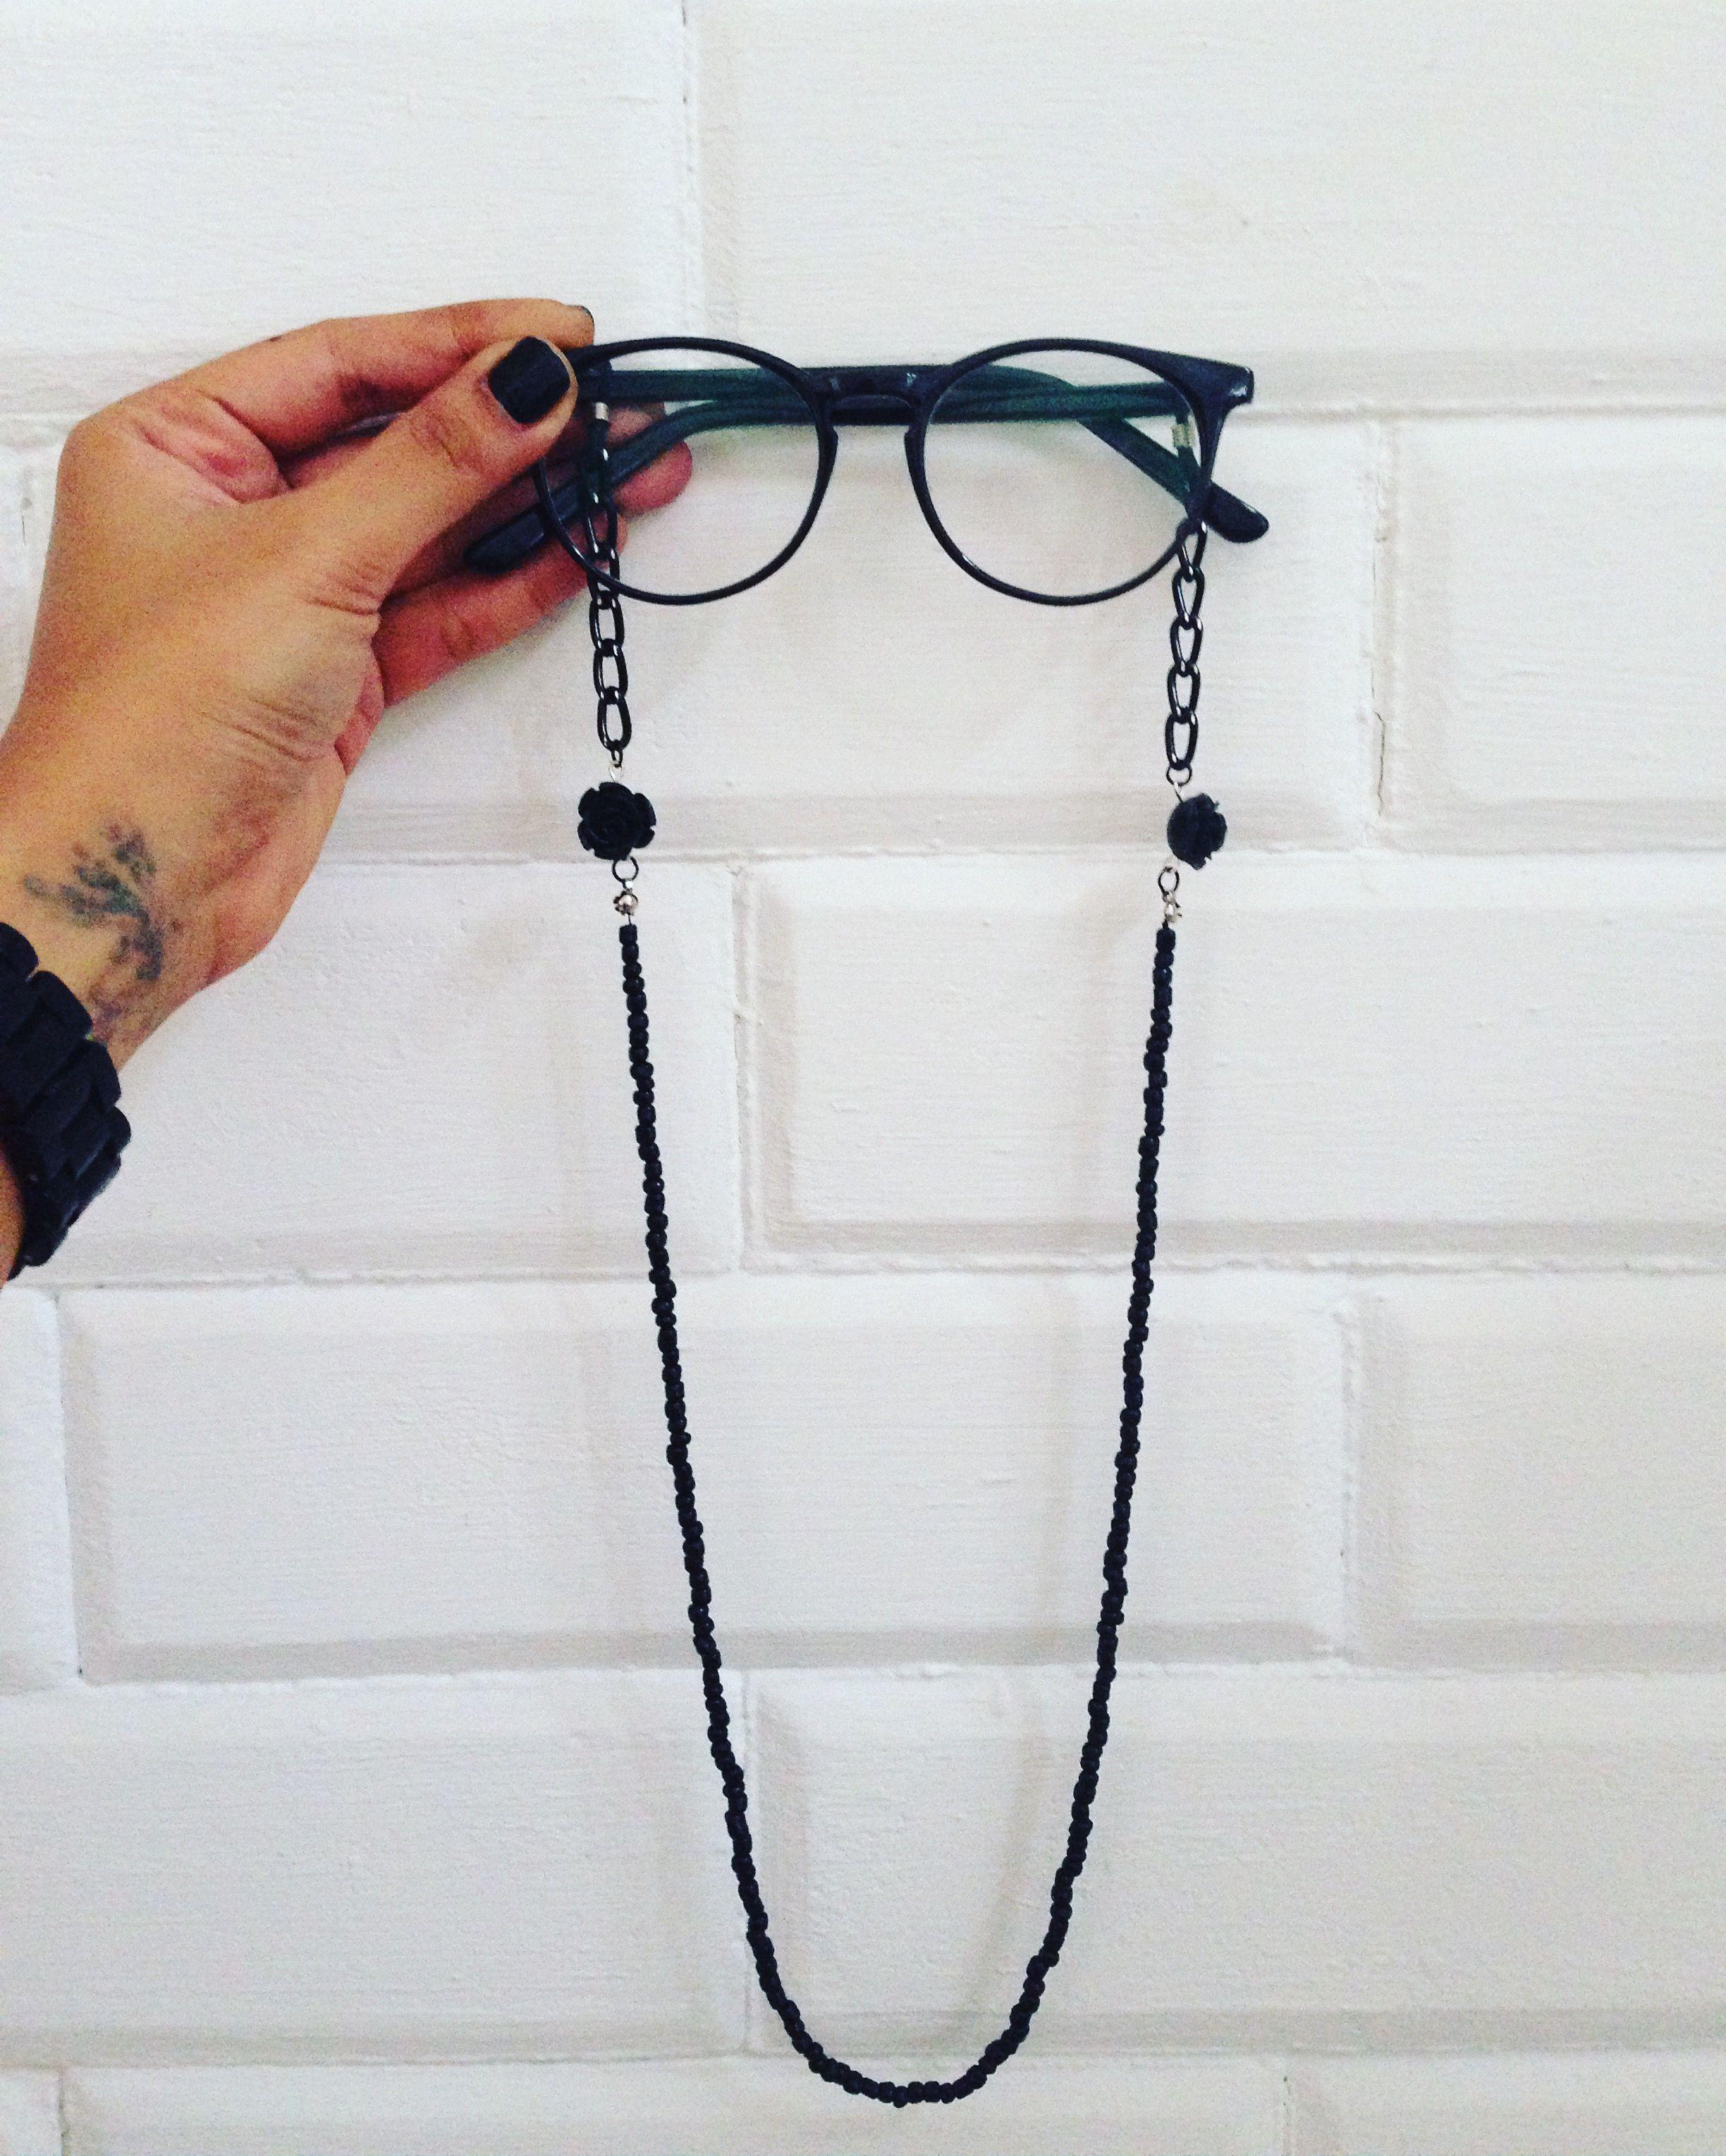 9c613b6768009 Cordão para óculos  cordinha de óculos